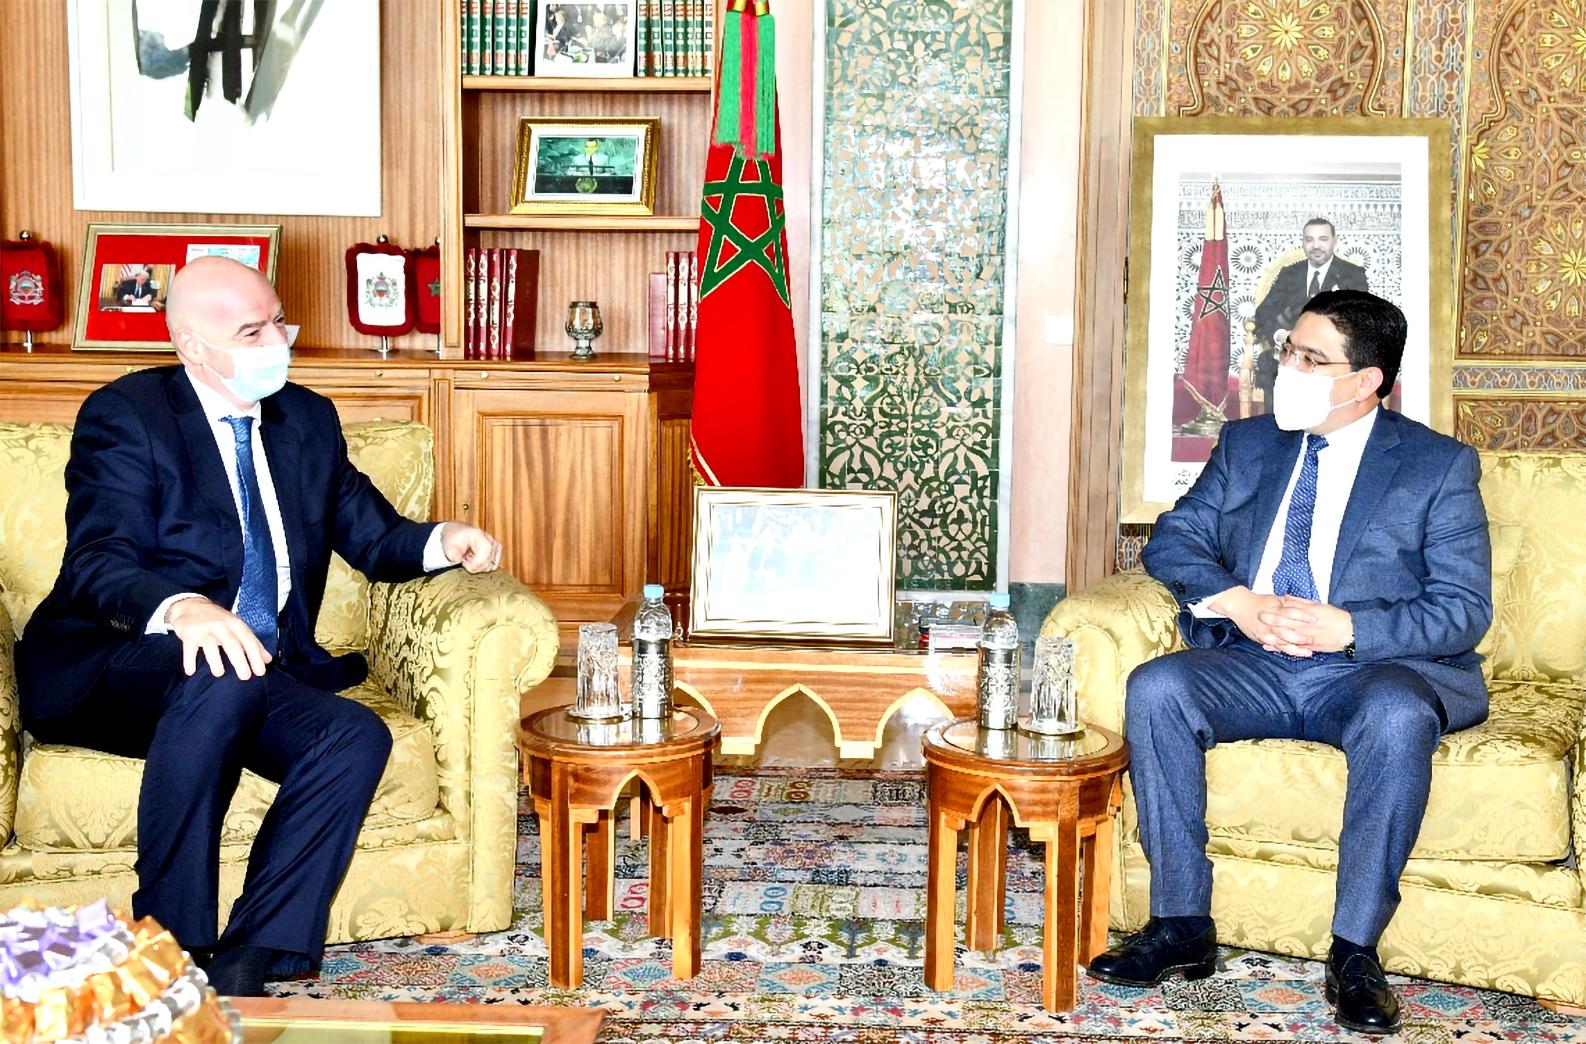 FIFA President Thanks HM King Mohammed VI for Supporting Football  Development   Morocco Telegraph